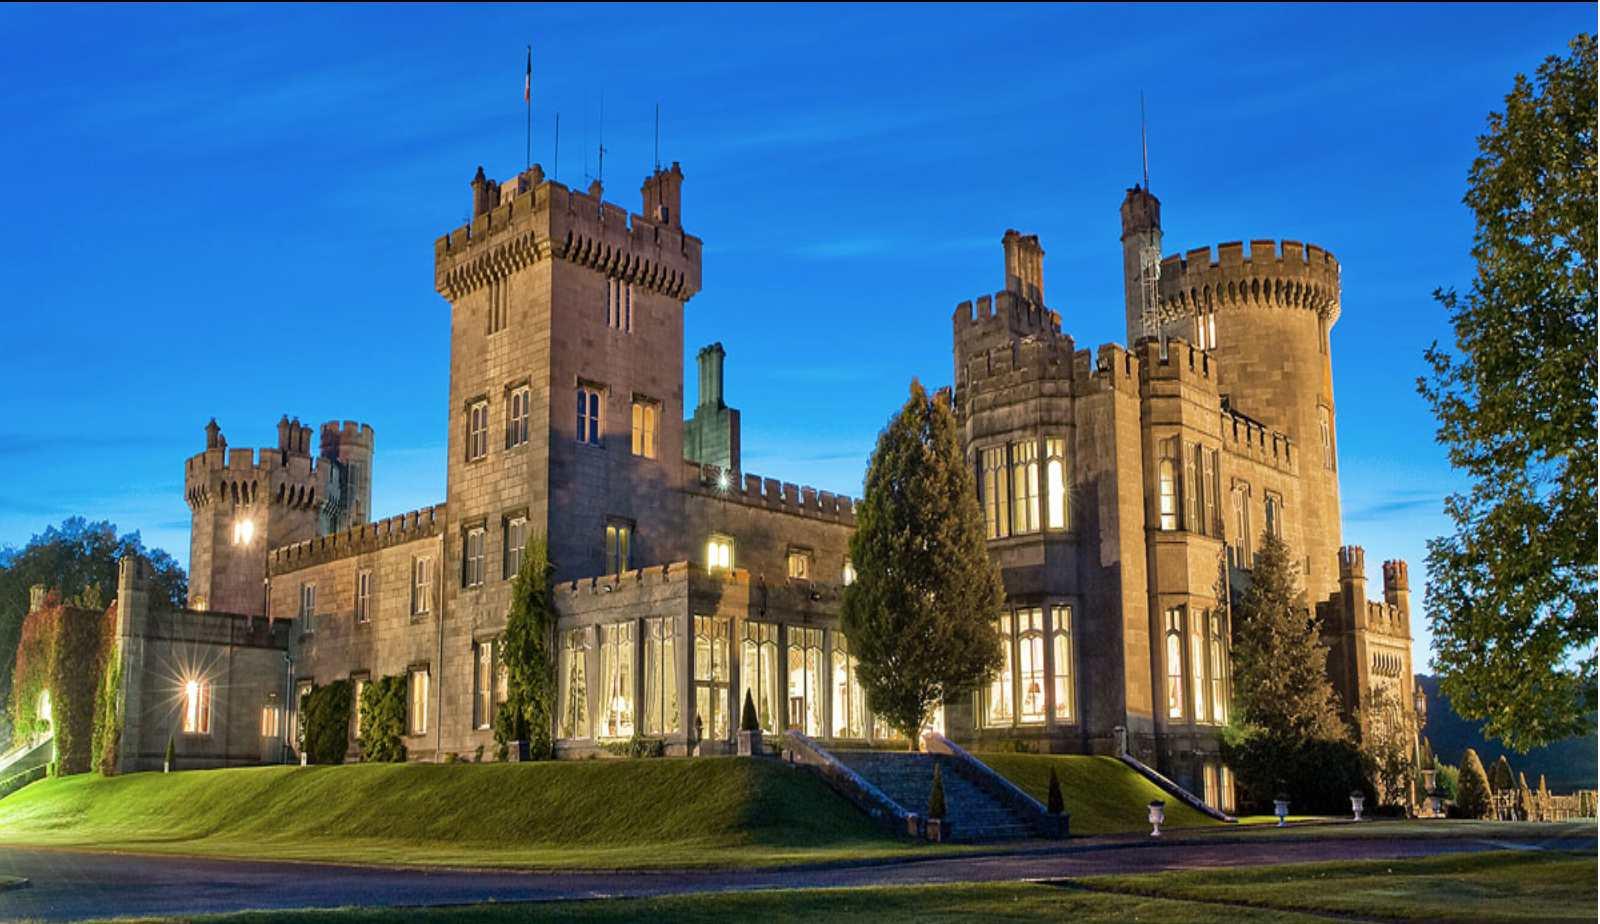 dromoland castle exterior